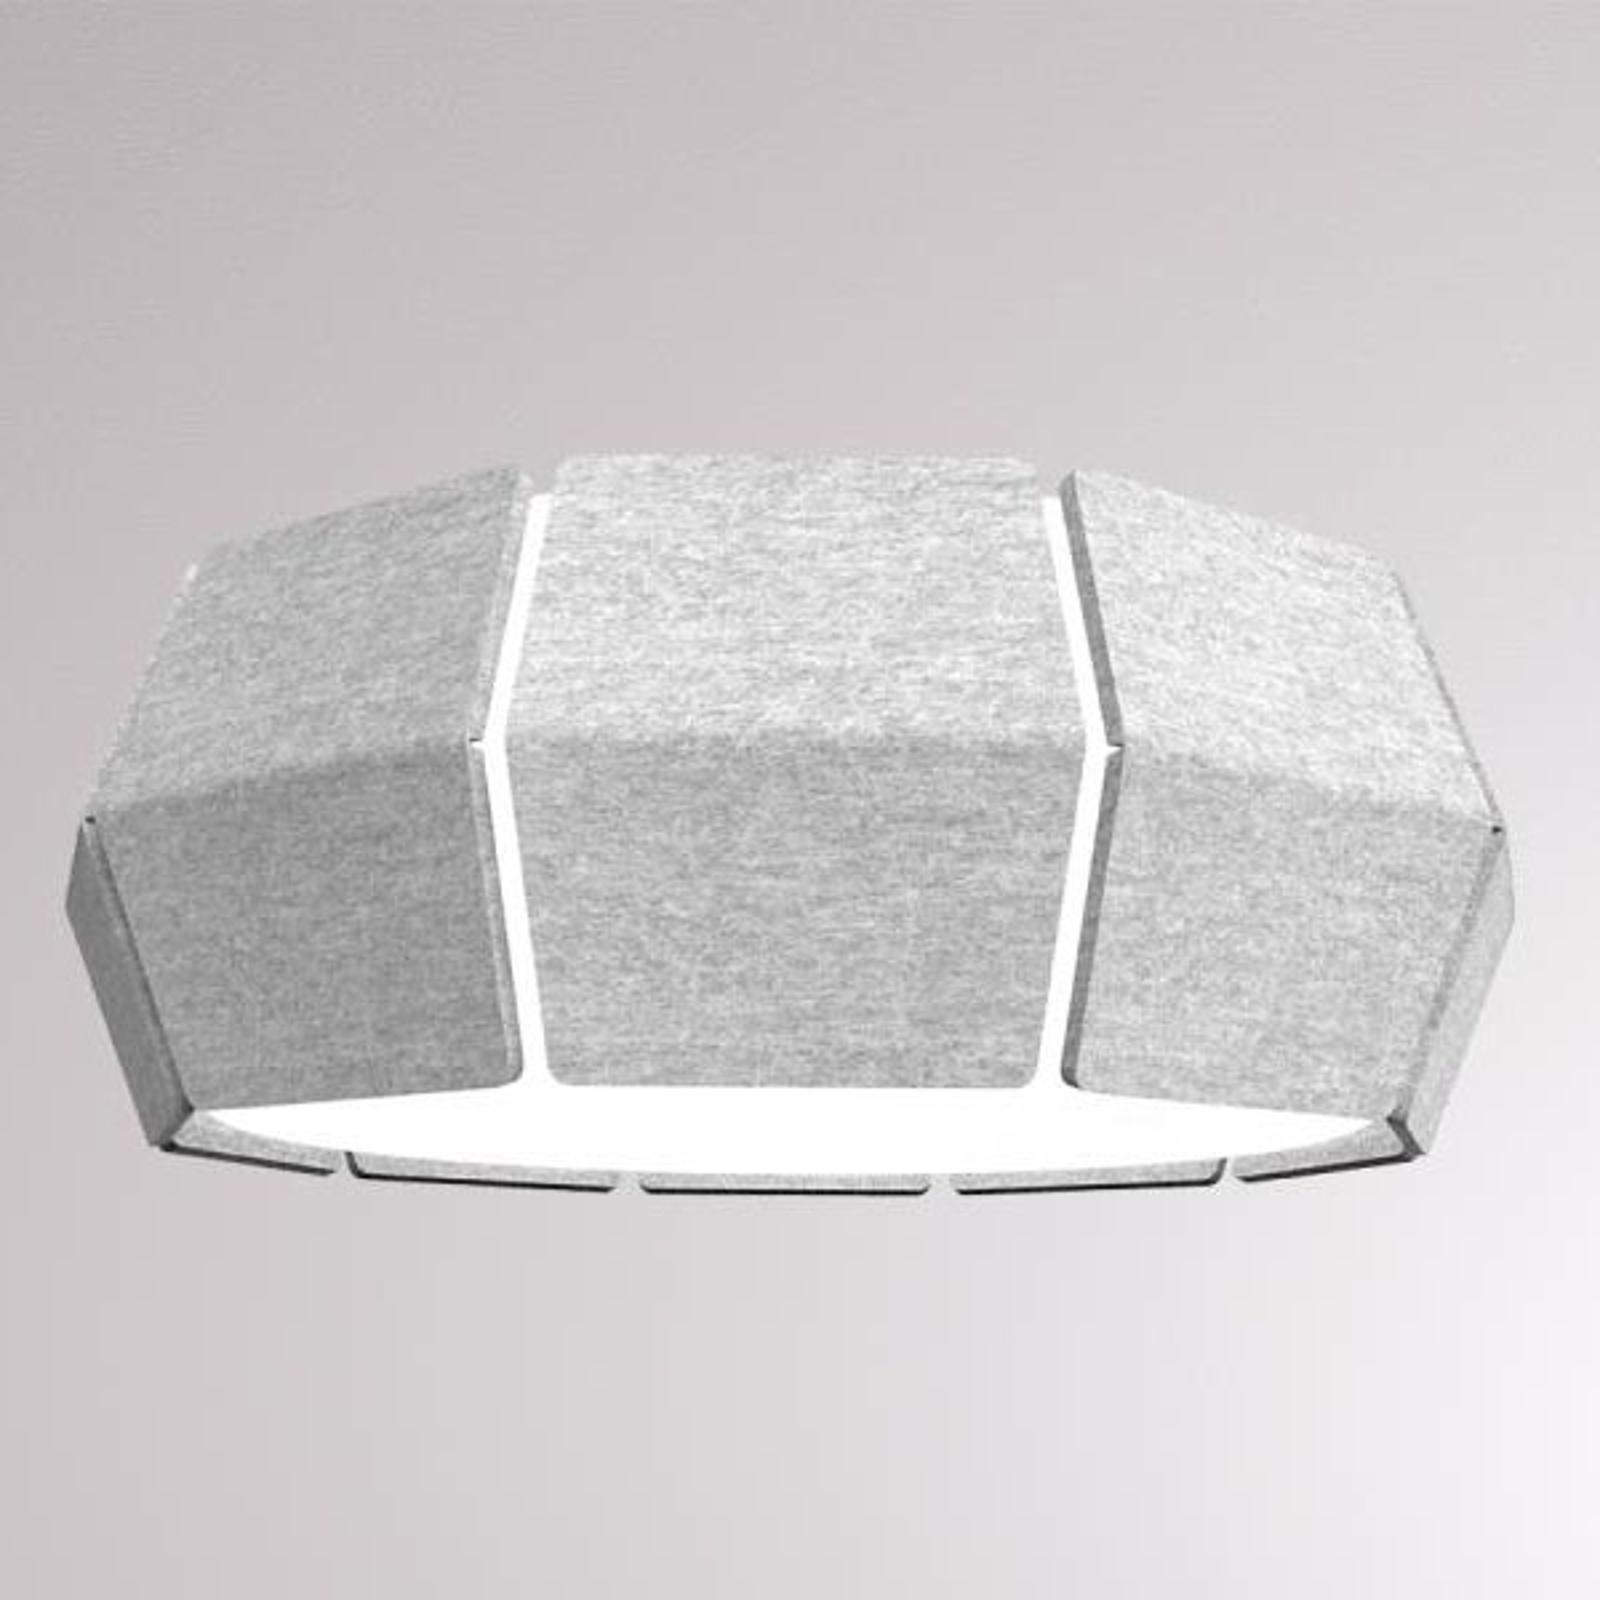 LOUM Decafelt -LED-kattovalaisin Ø 54 cm harmaa